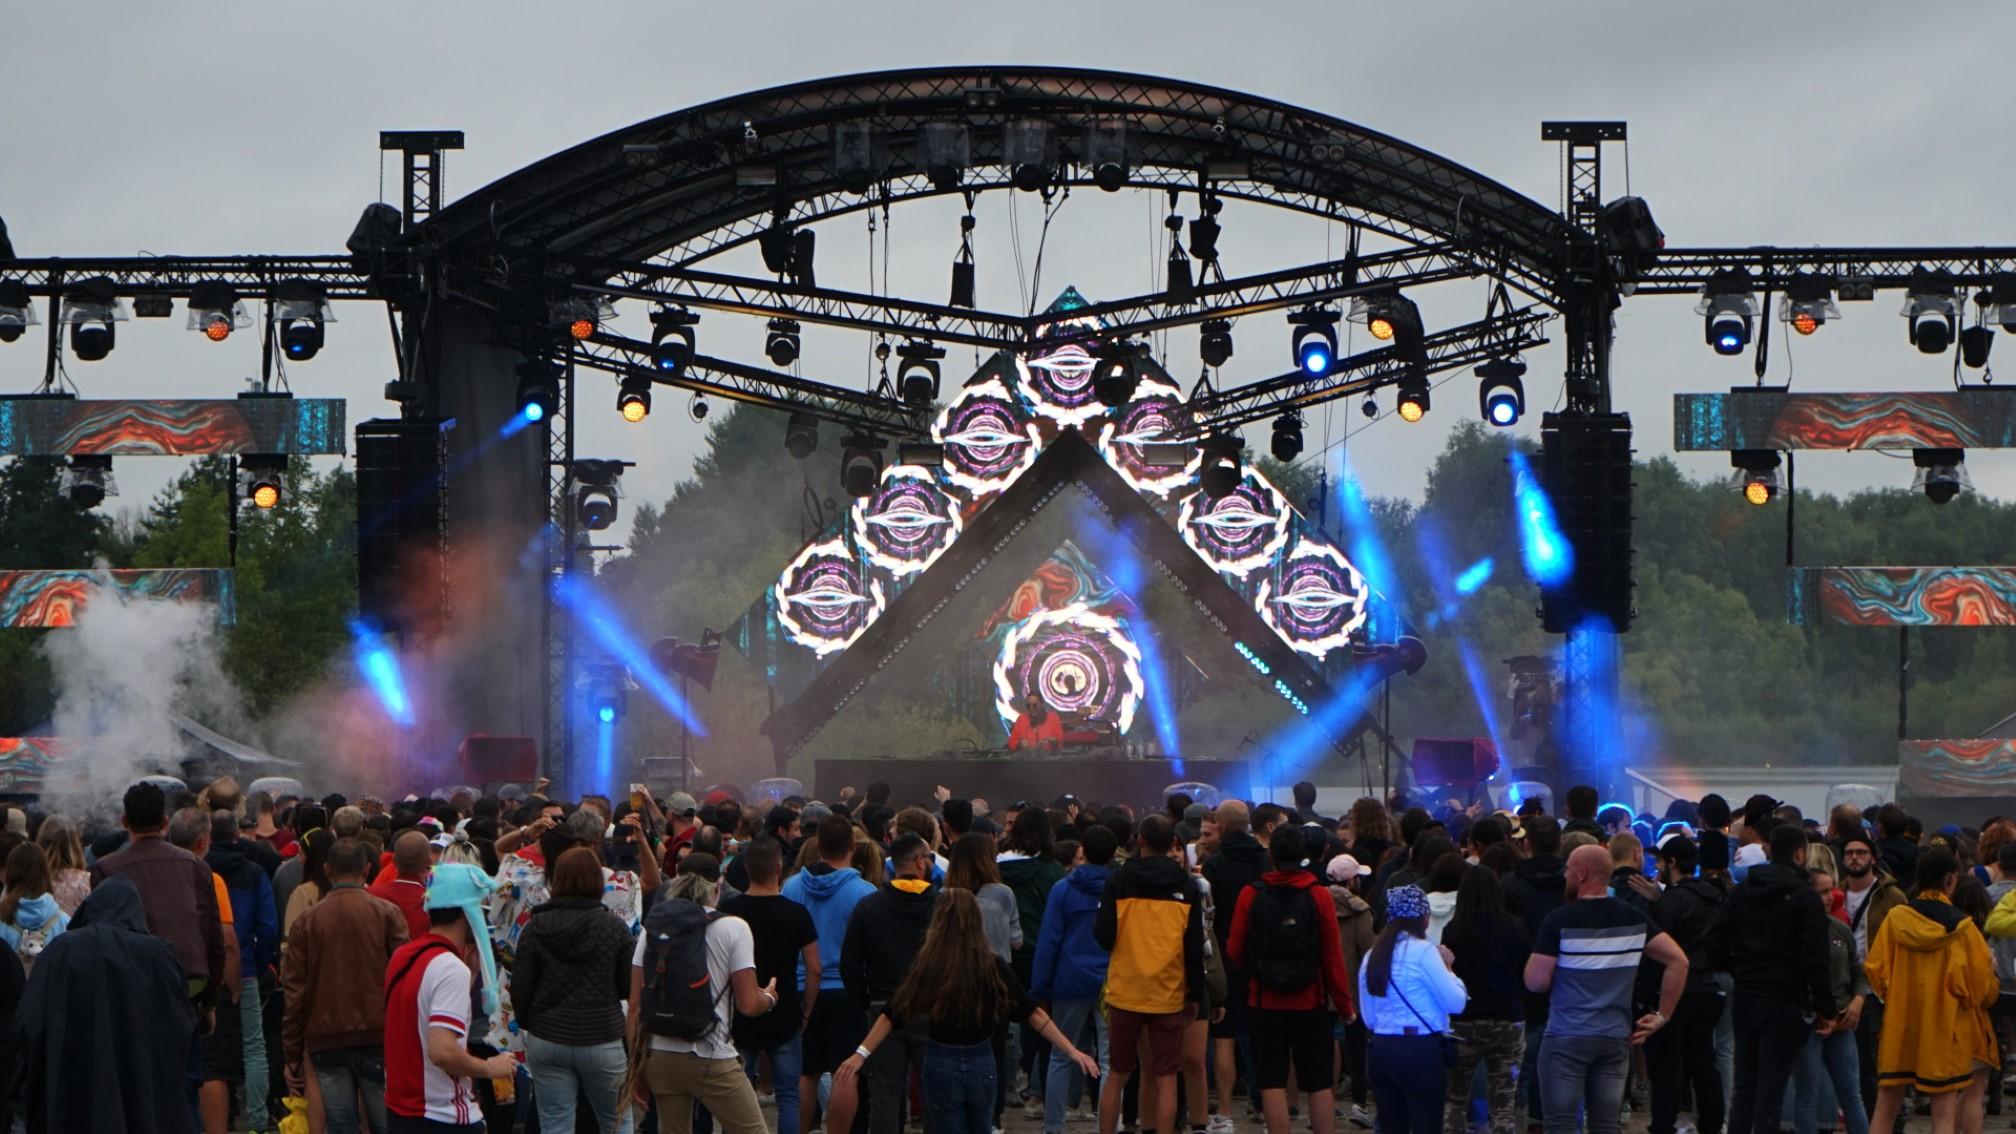 Plein_Air_Festival_Purpurea_-13